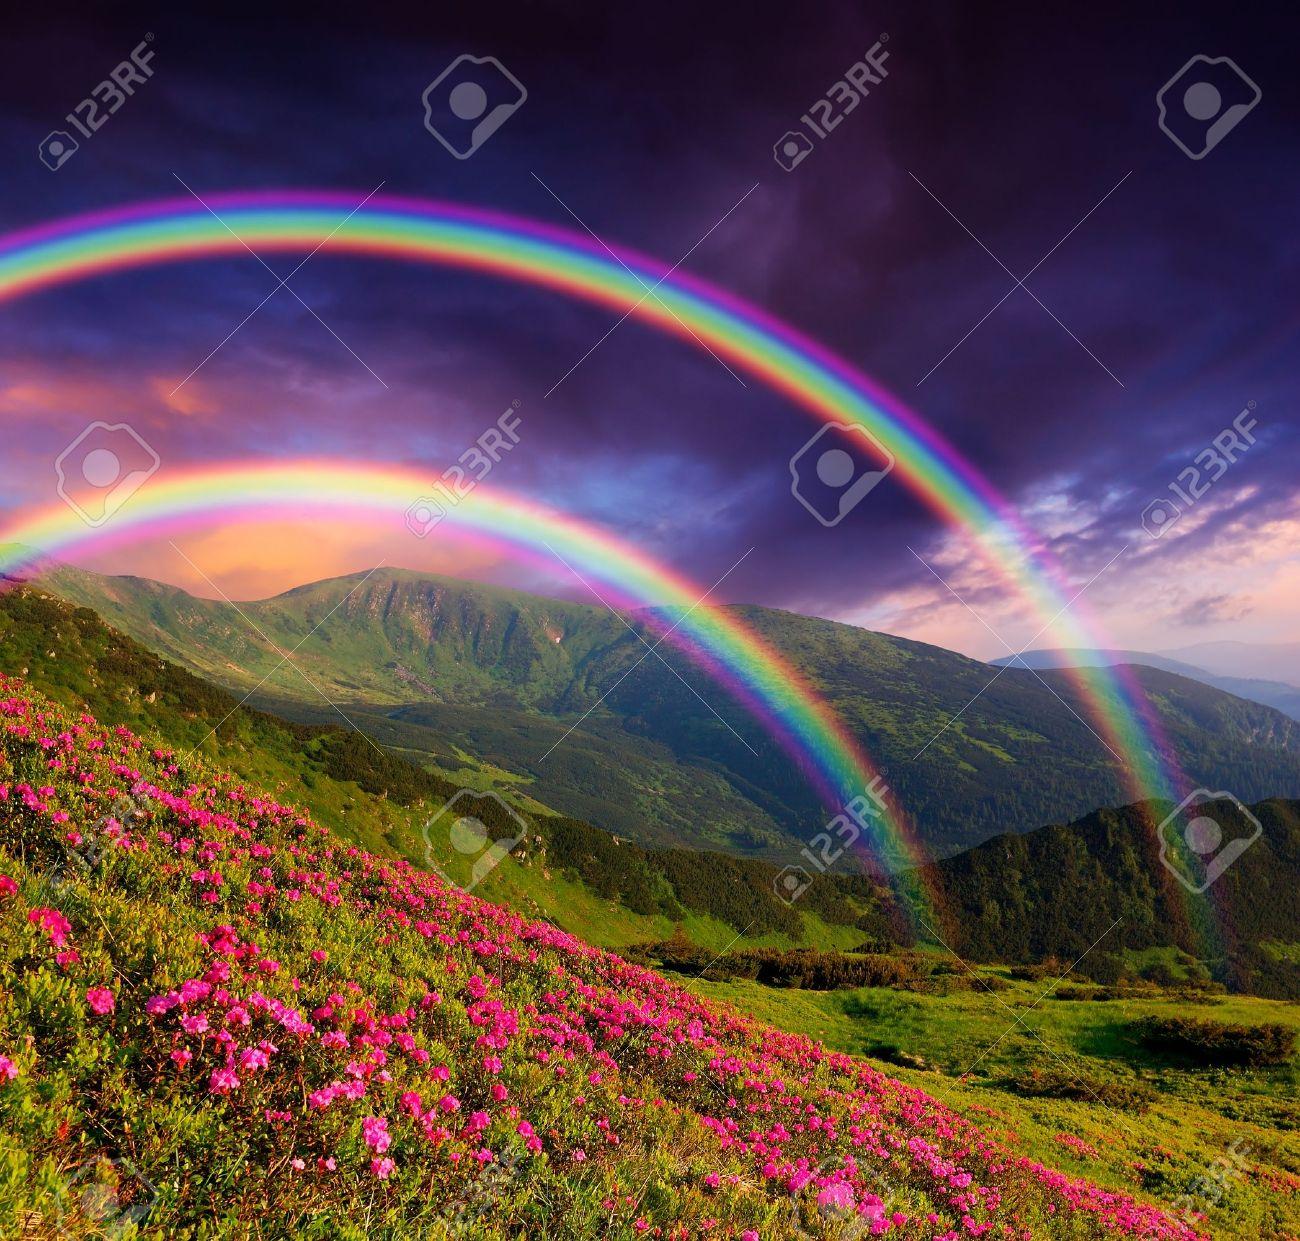 Paysage de montagne avec un arc en ciel sur les fleurs Banque d'images - 18670913